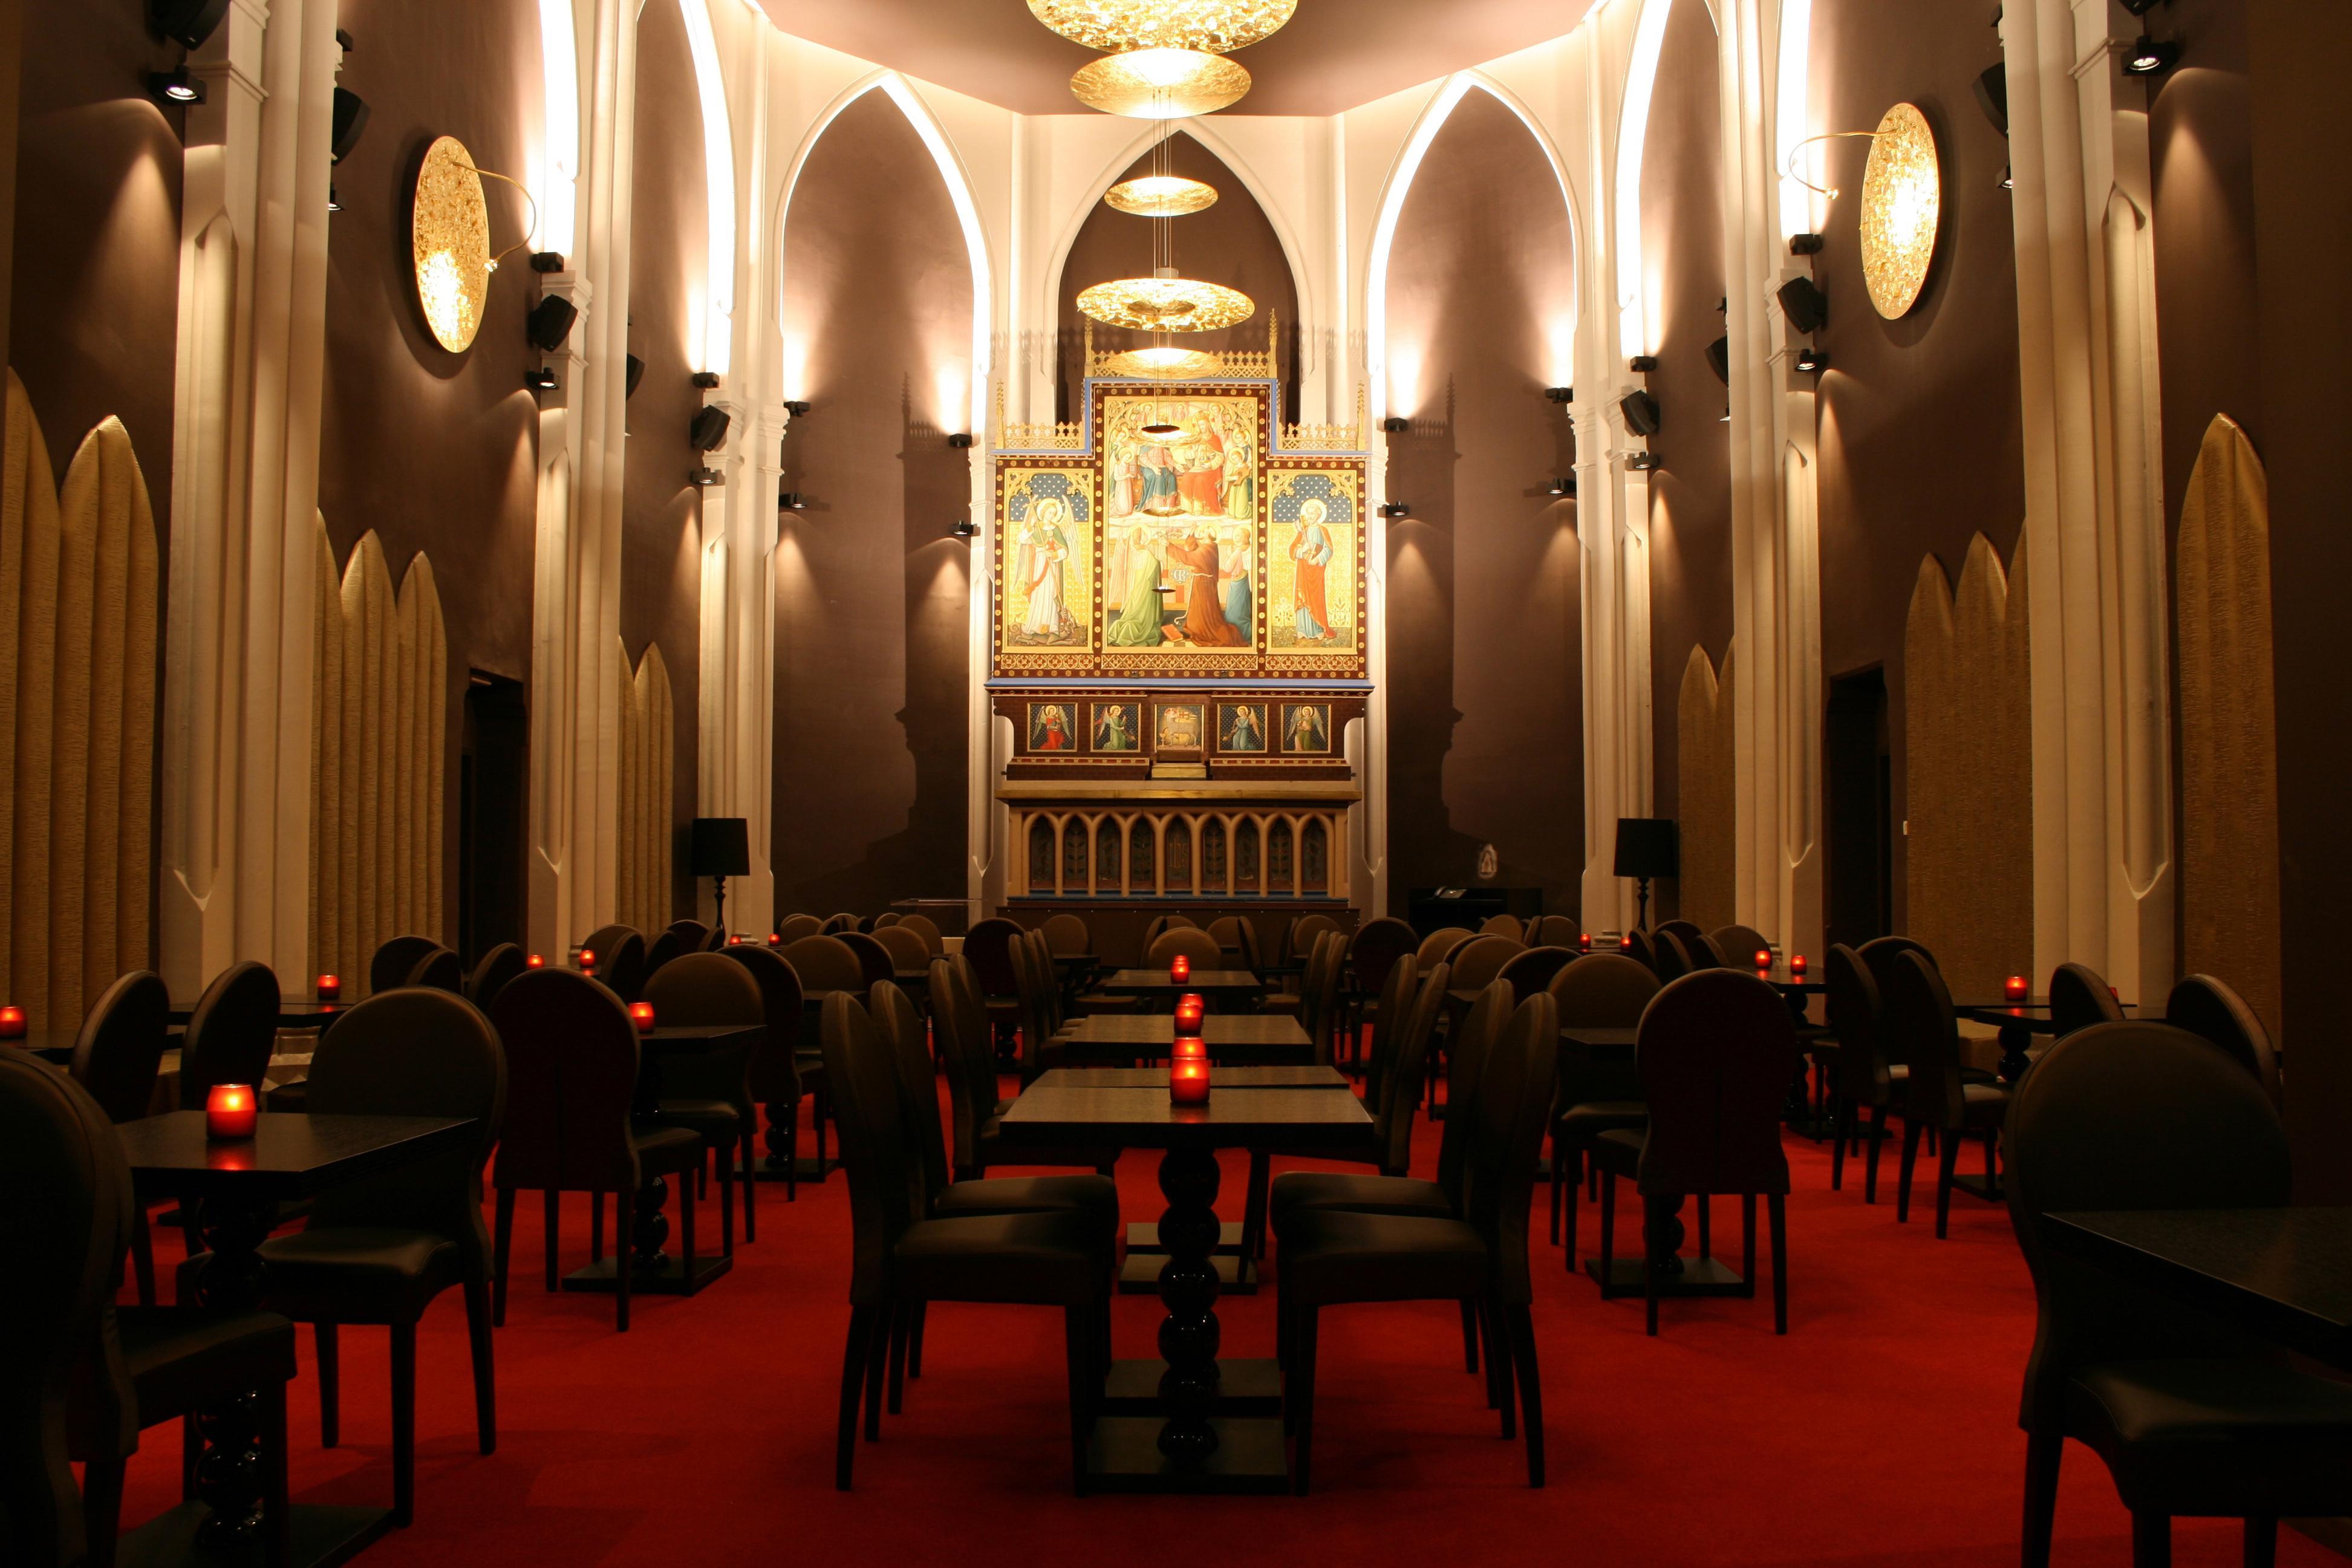 Sala da pranzo della struttura / Martin's Patershof